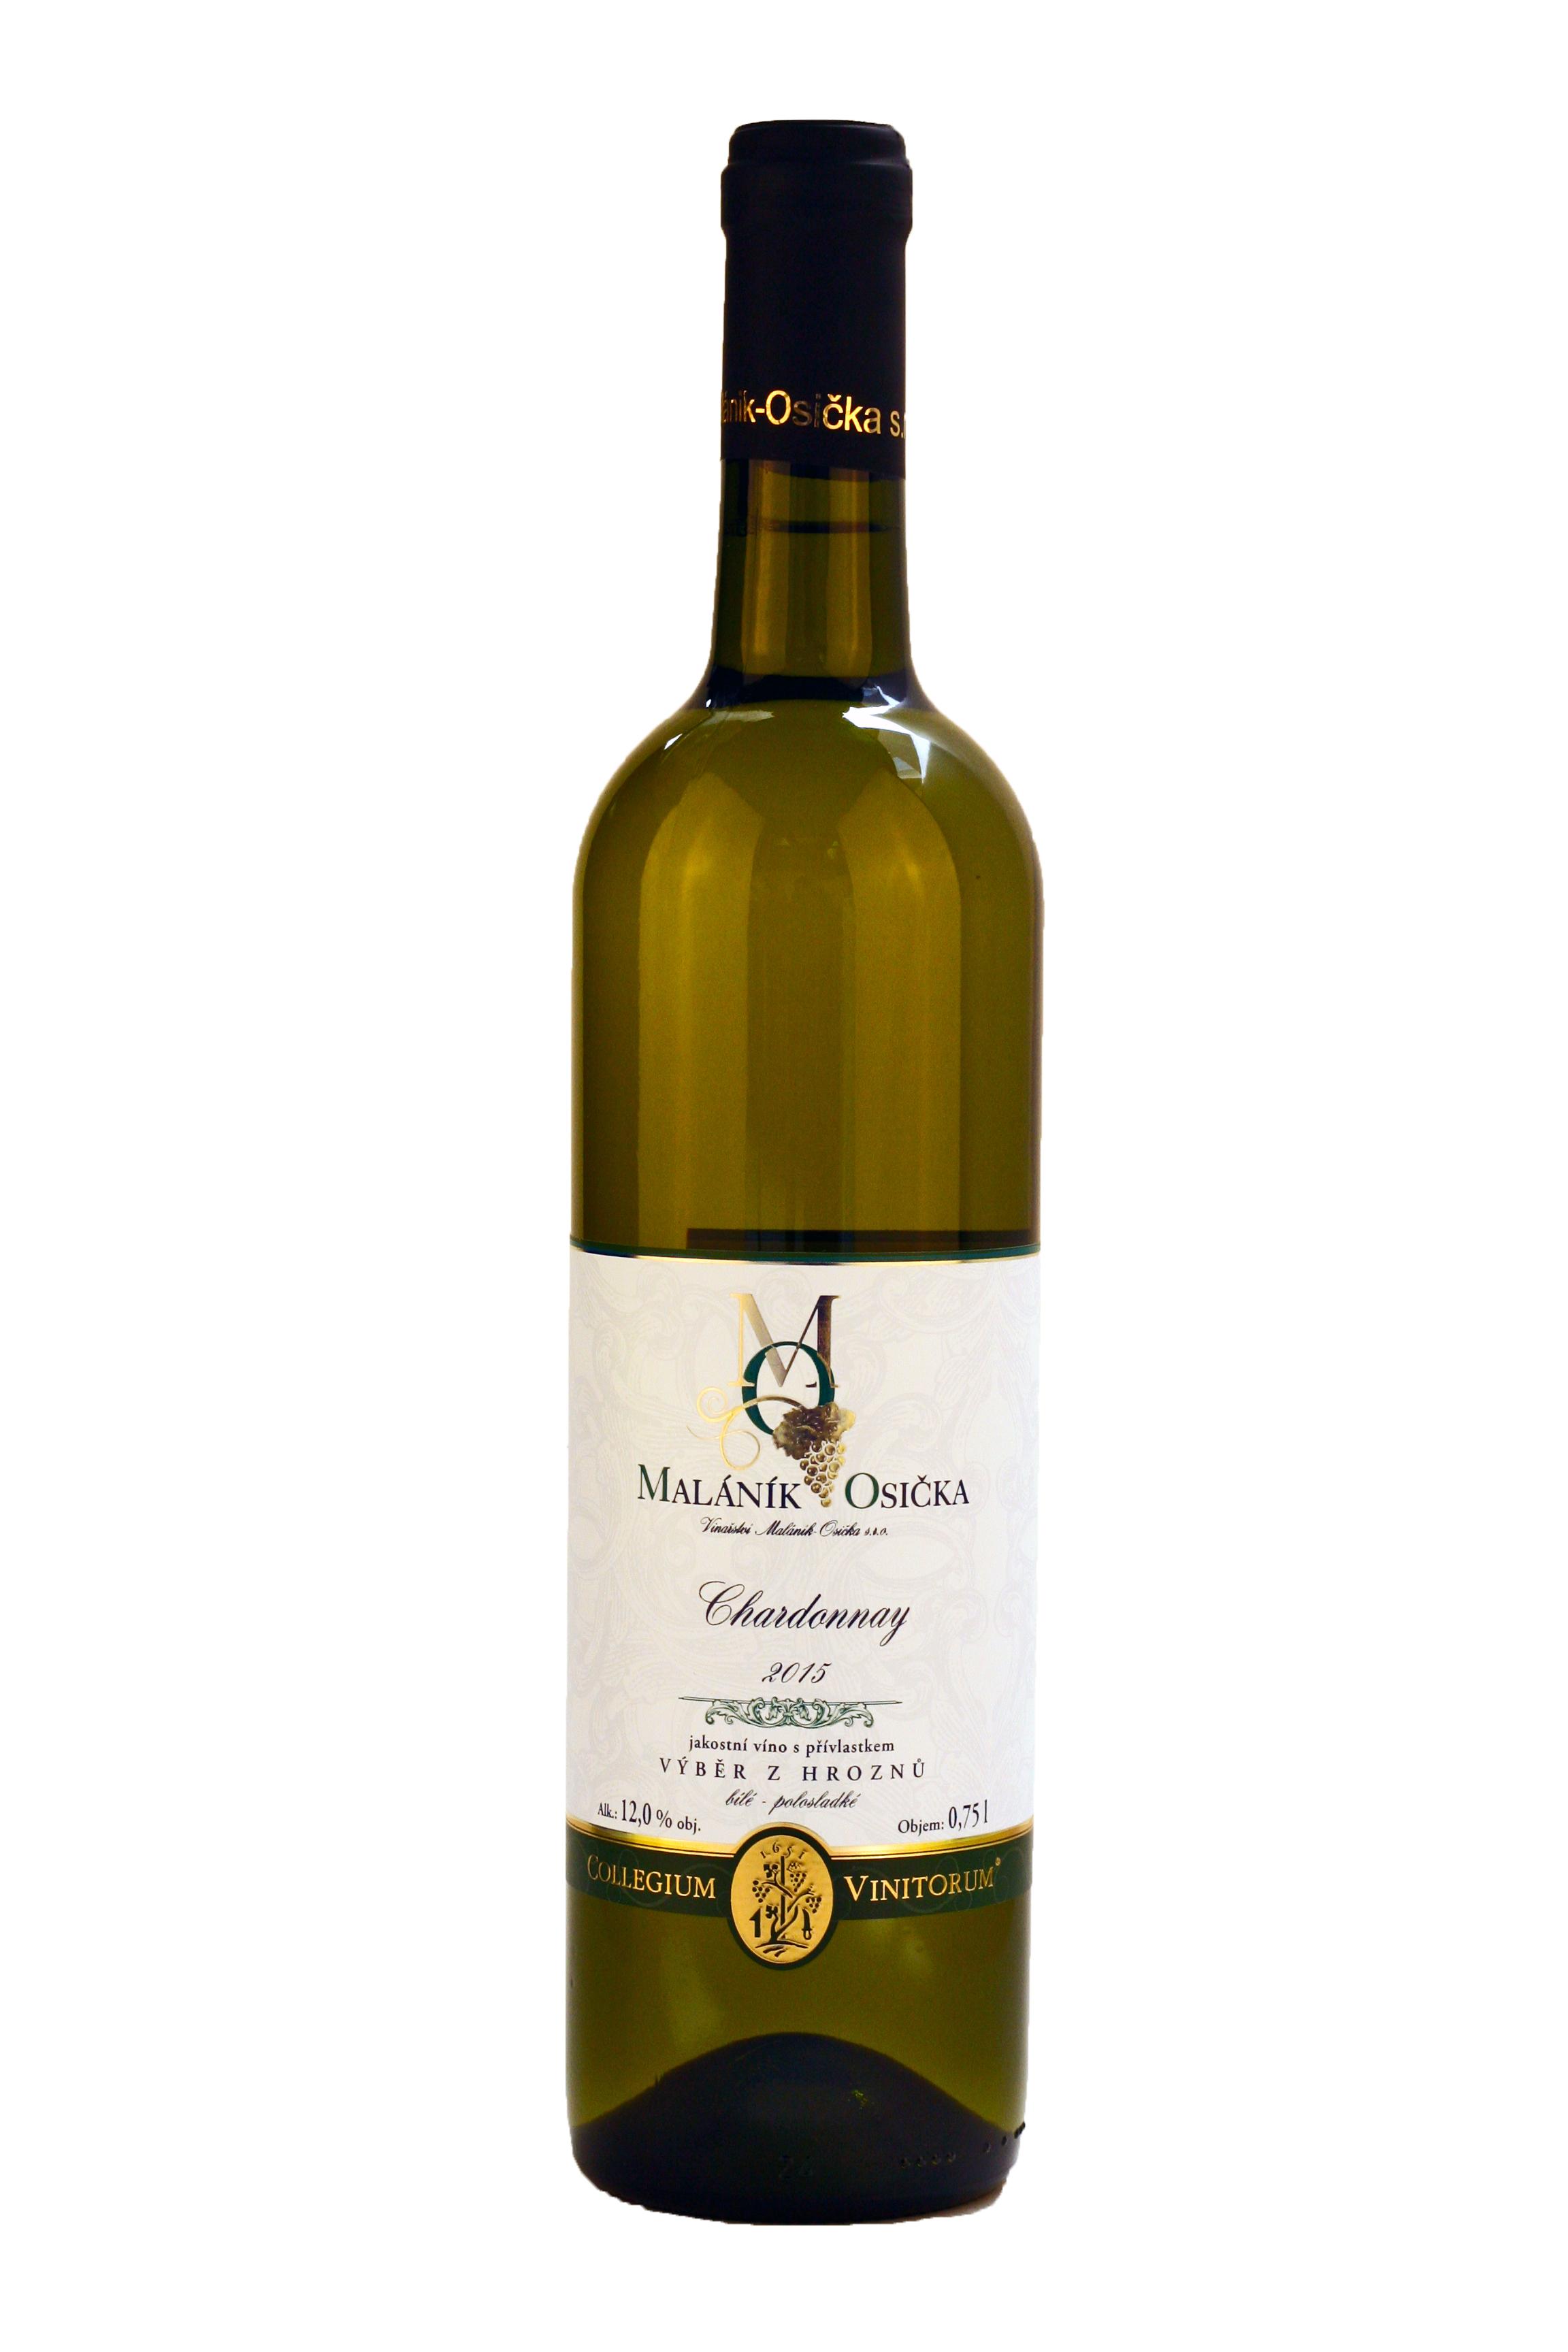 produkt_Chardonnay 2015 Výběr z hroznů